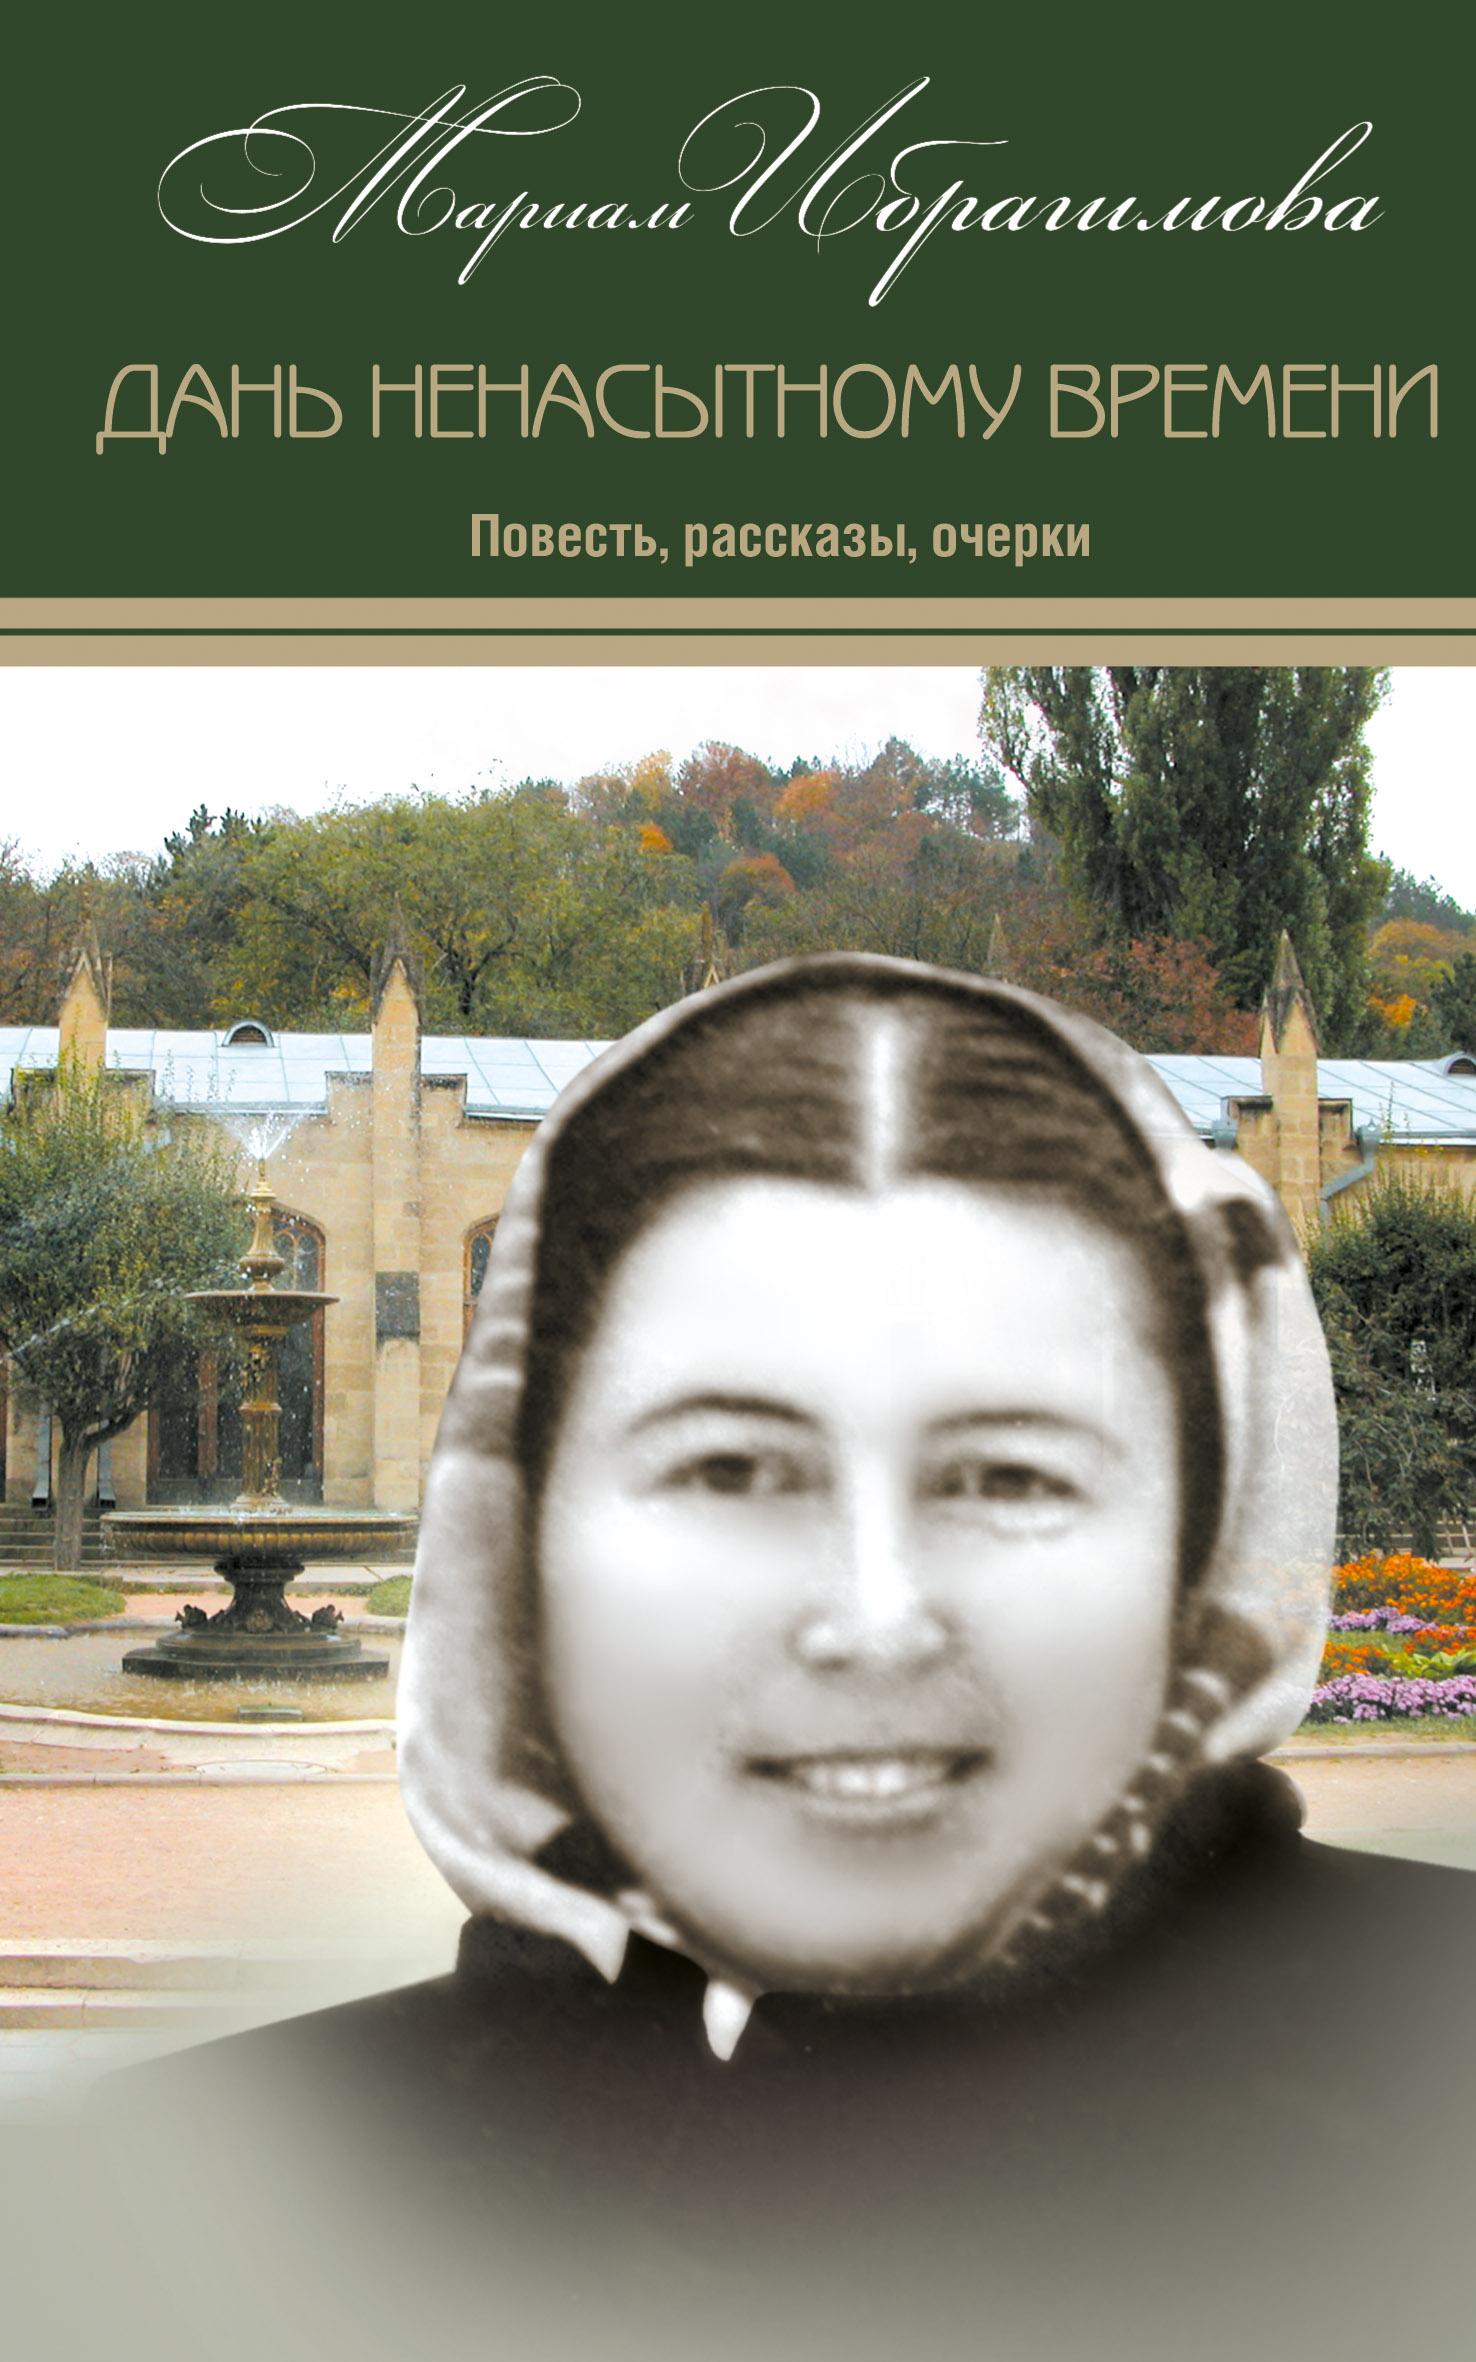 цена на М. И. Ибрагимова Дань ненасытному времени (повесть, рассказы, очерки)